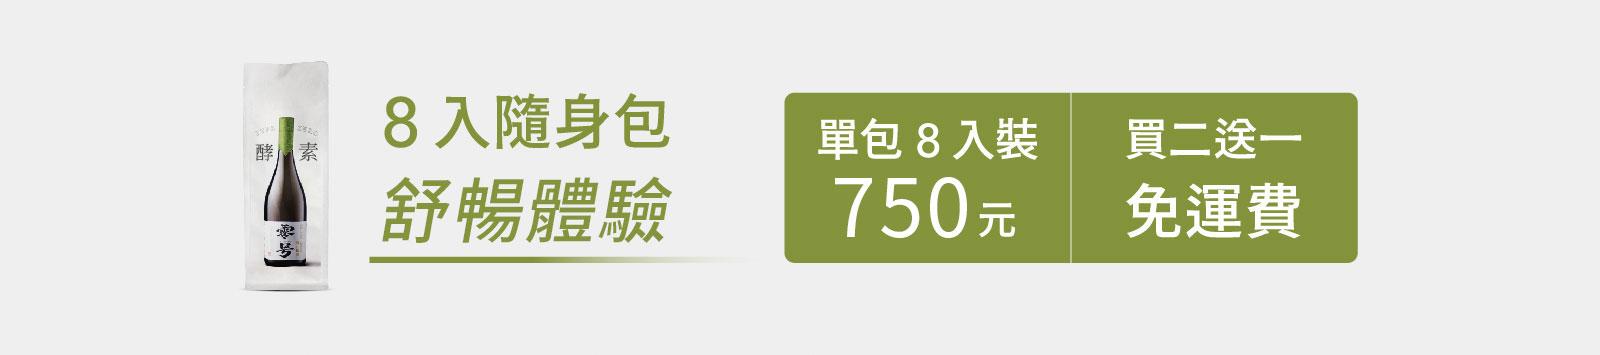 日本零號生酵素-101綜合蔬果酵素-100萬高濃度SOD-排空歸零養顏美容-定價790優惠750元買2送1